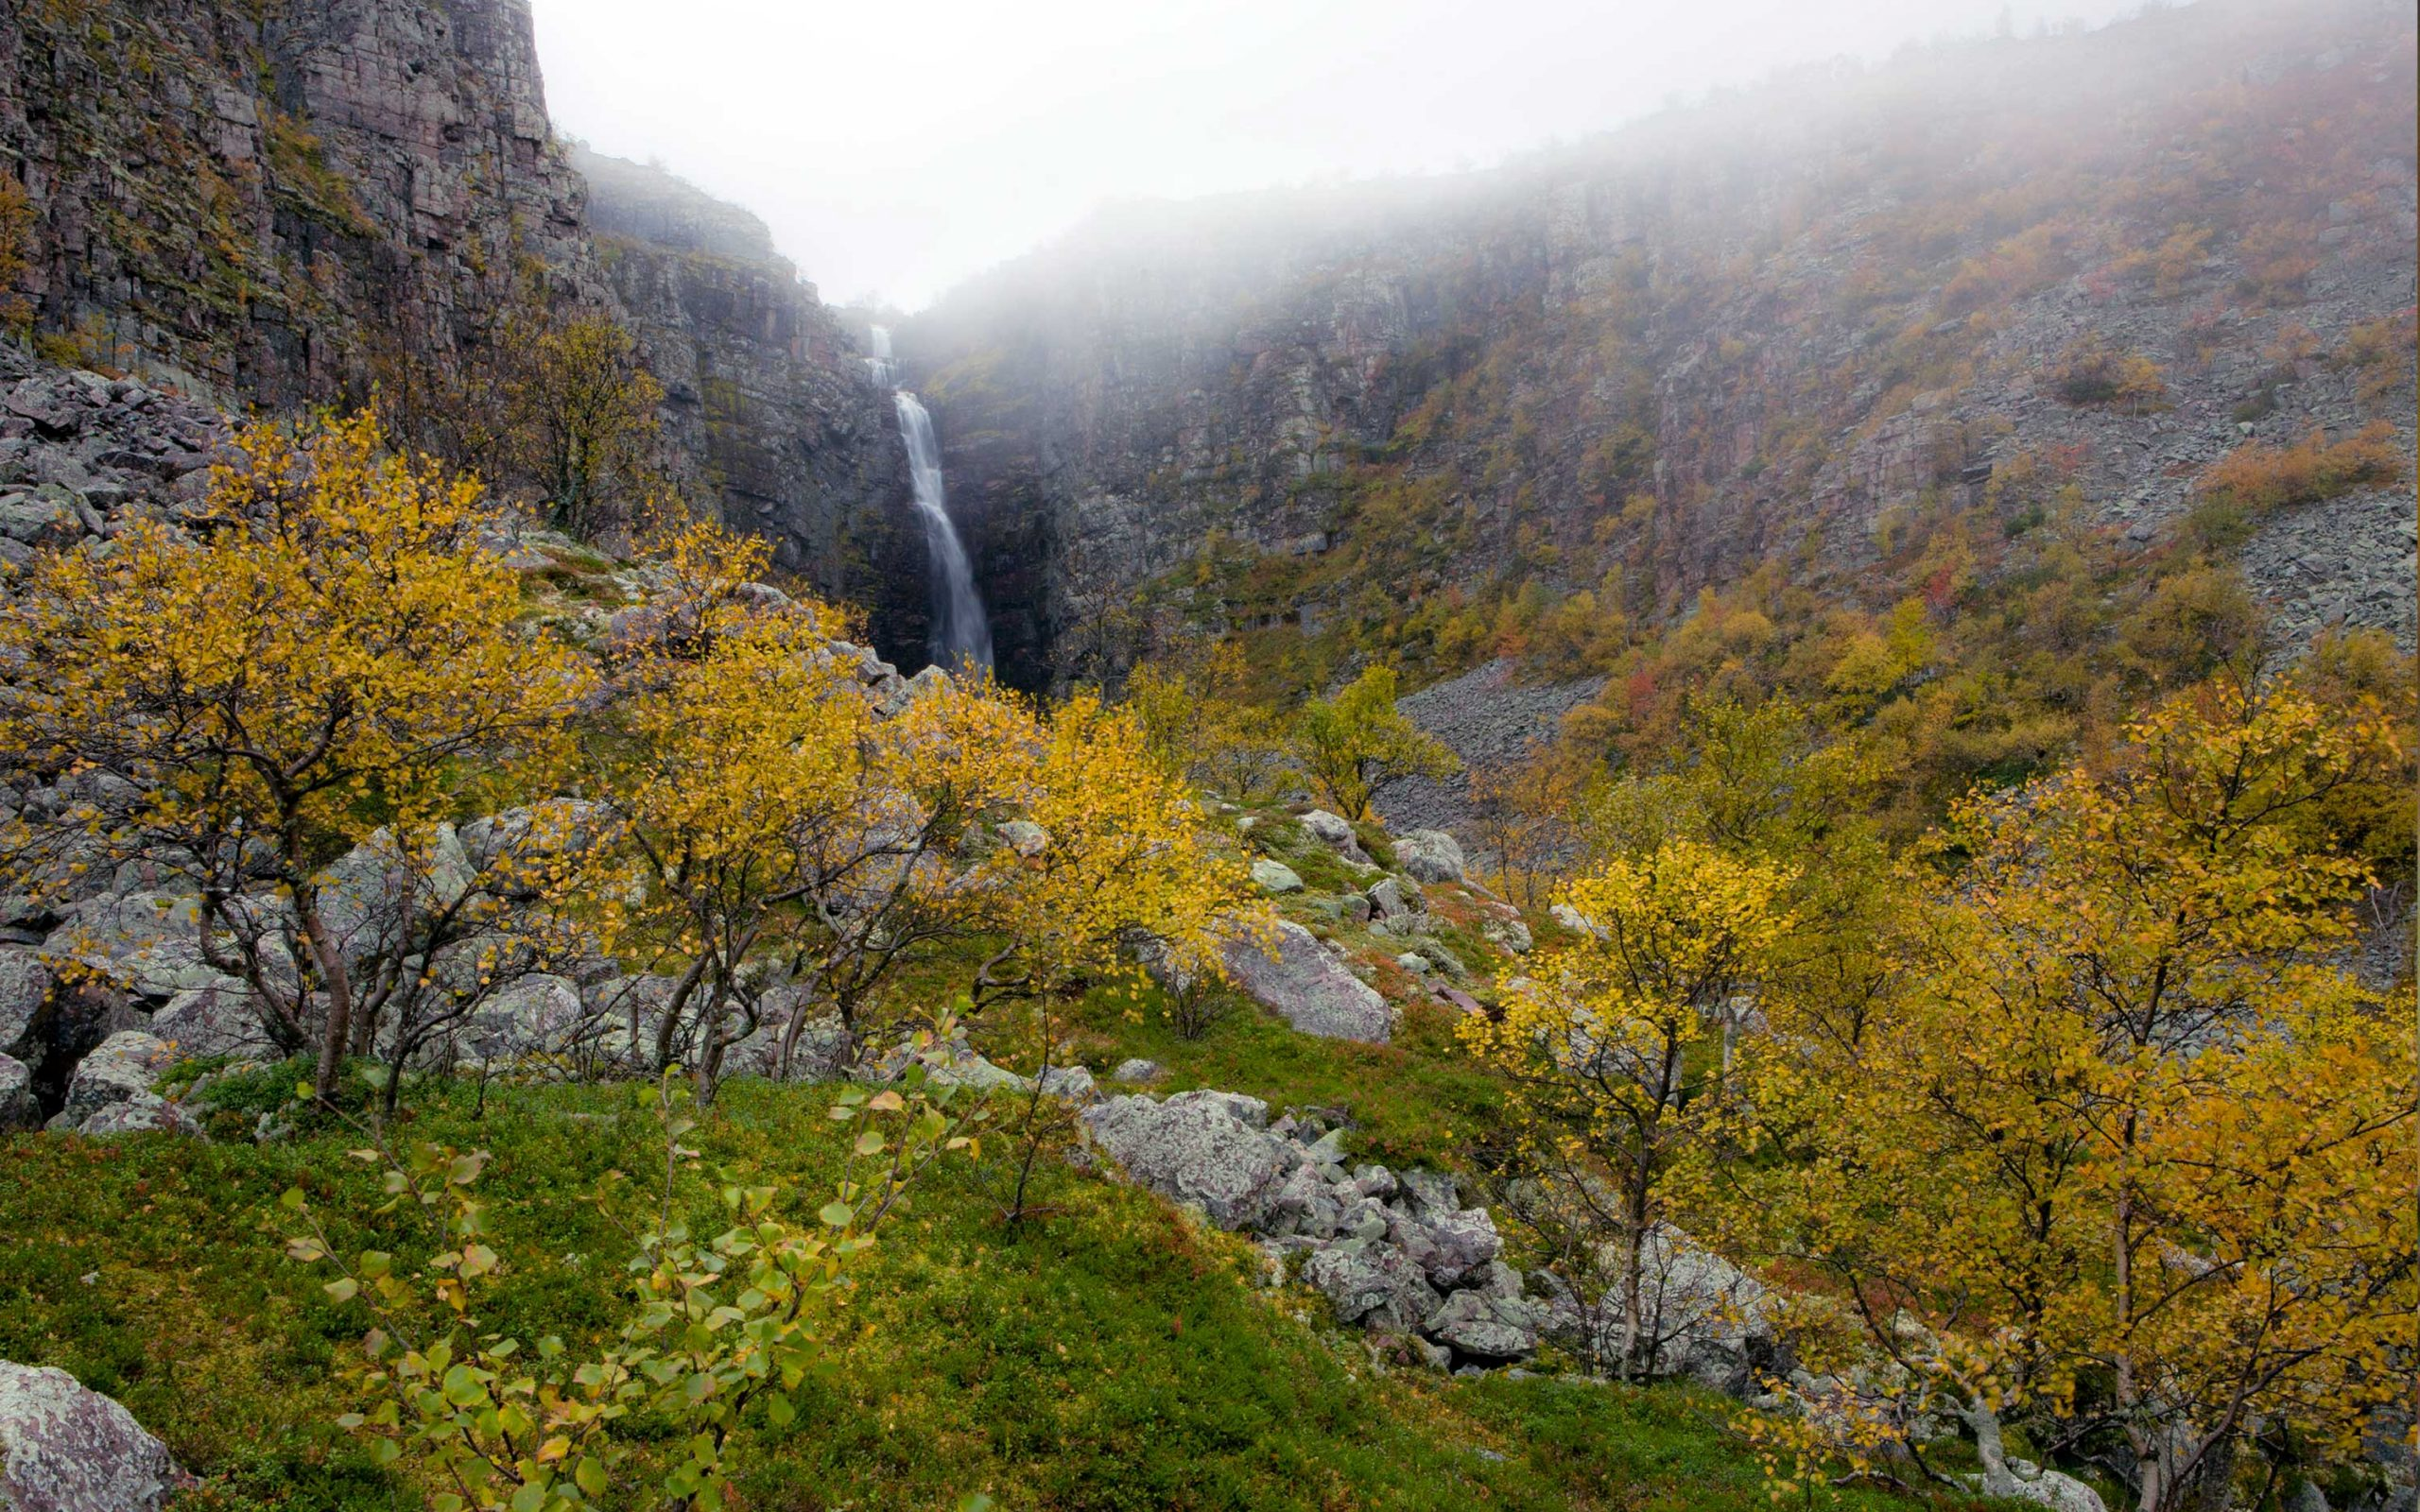 Gambar 3. Taman Nasional Fulufjället dengan Lanskap Air Terjun Tertinggi di Swedia